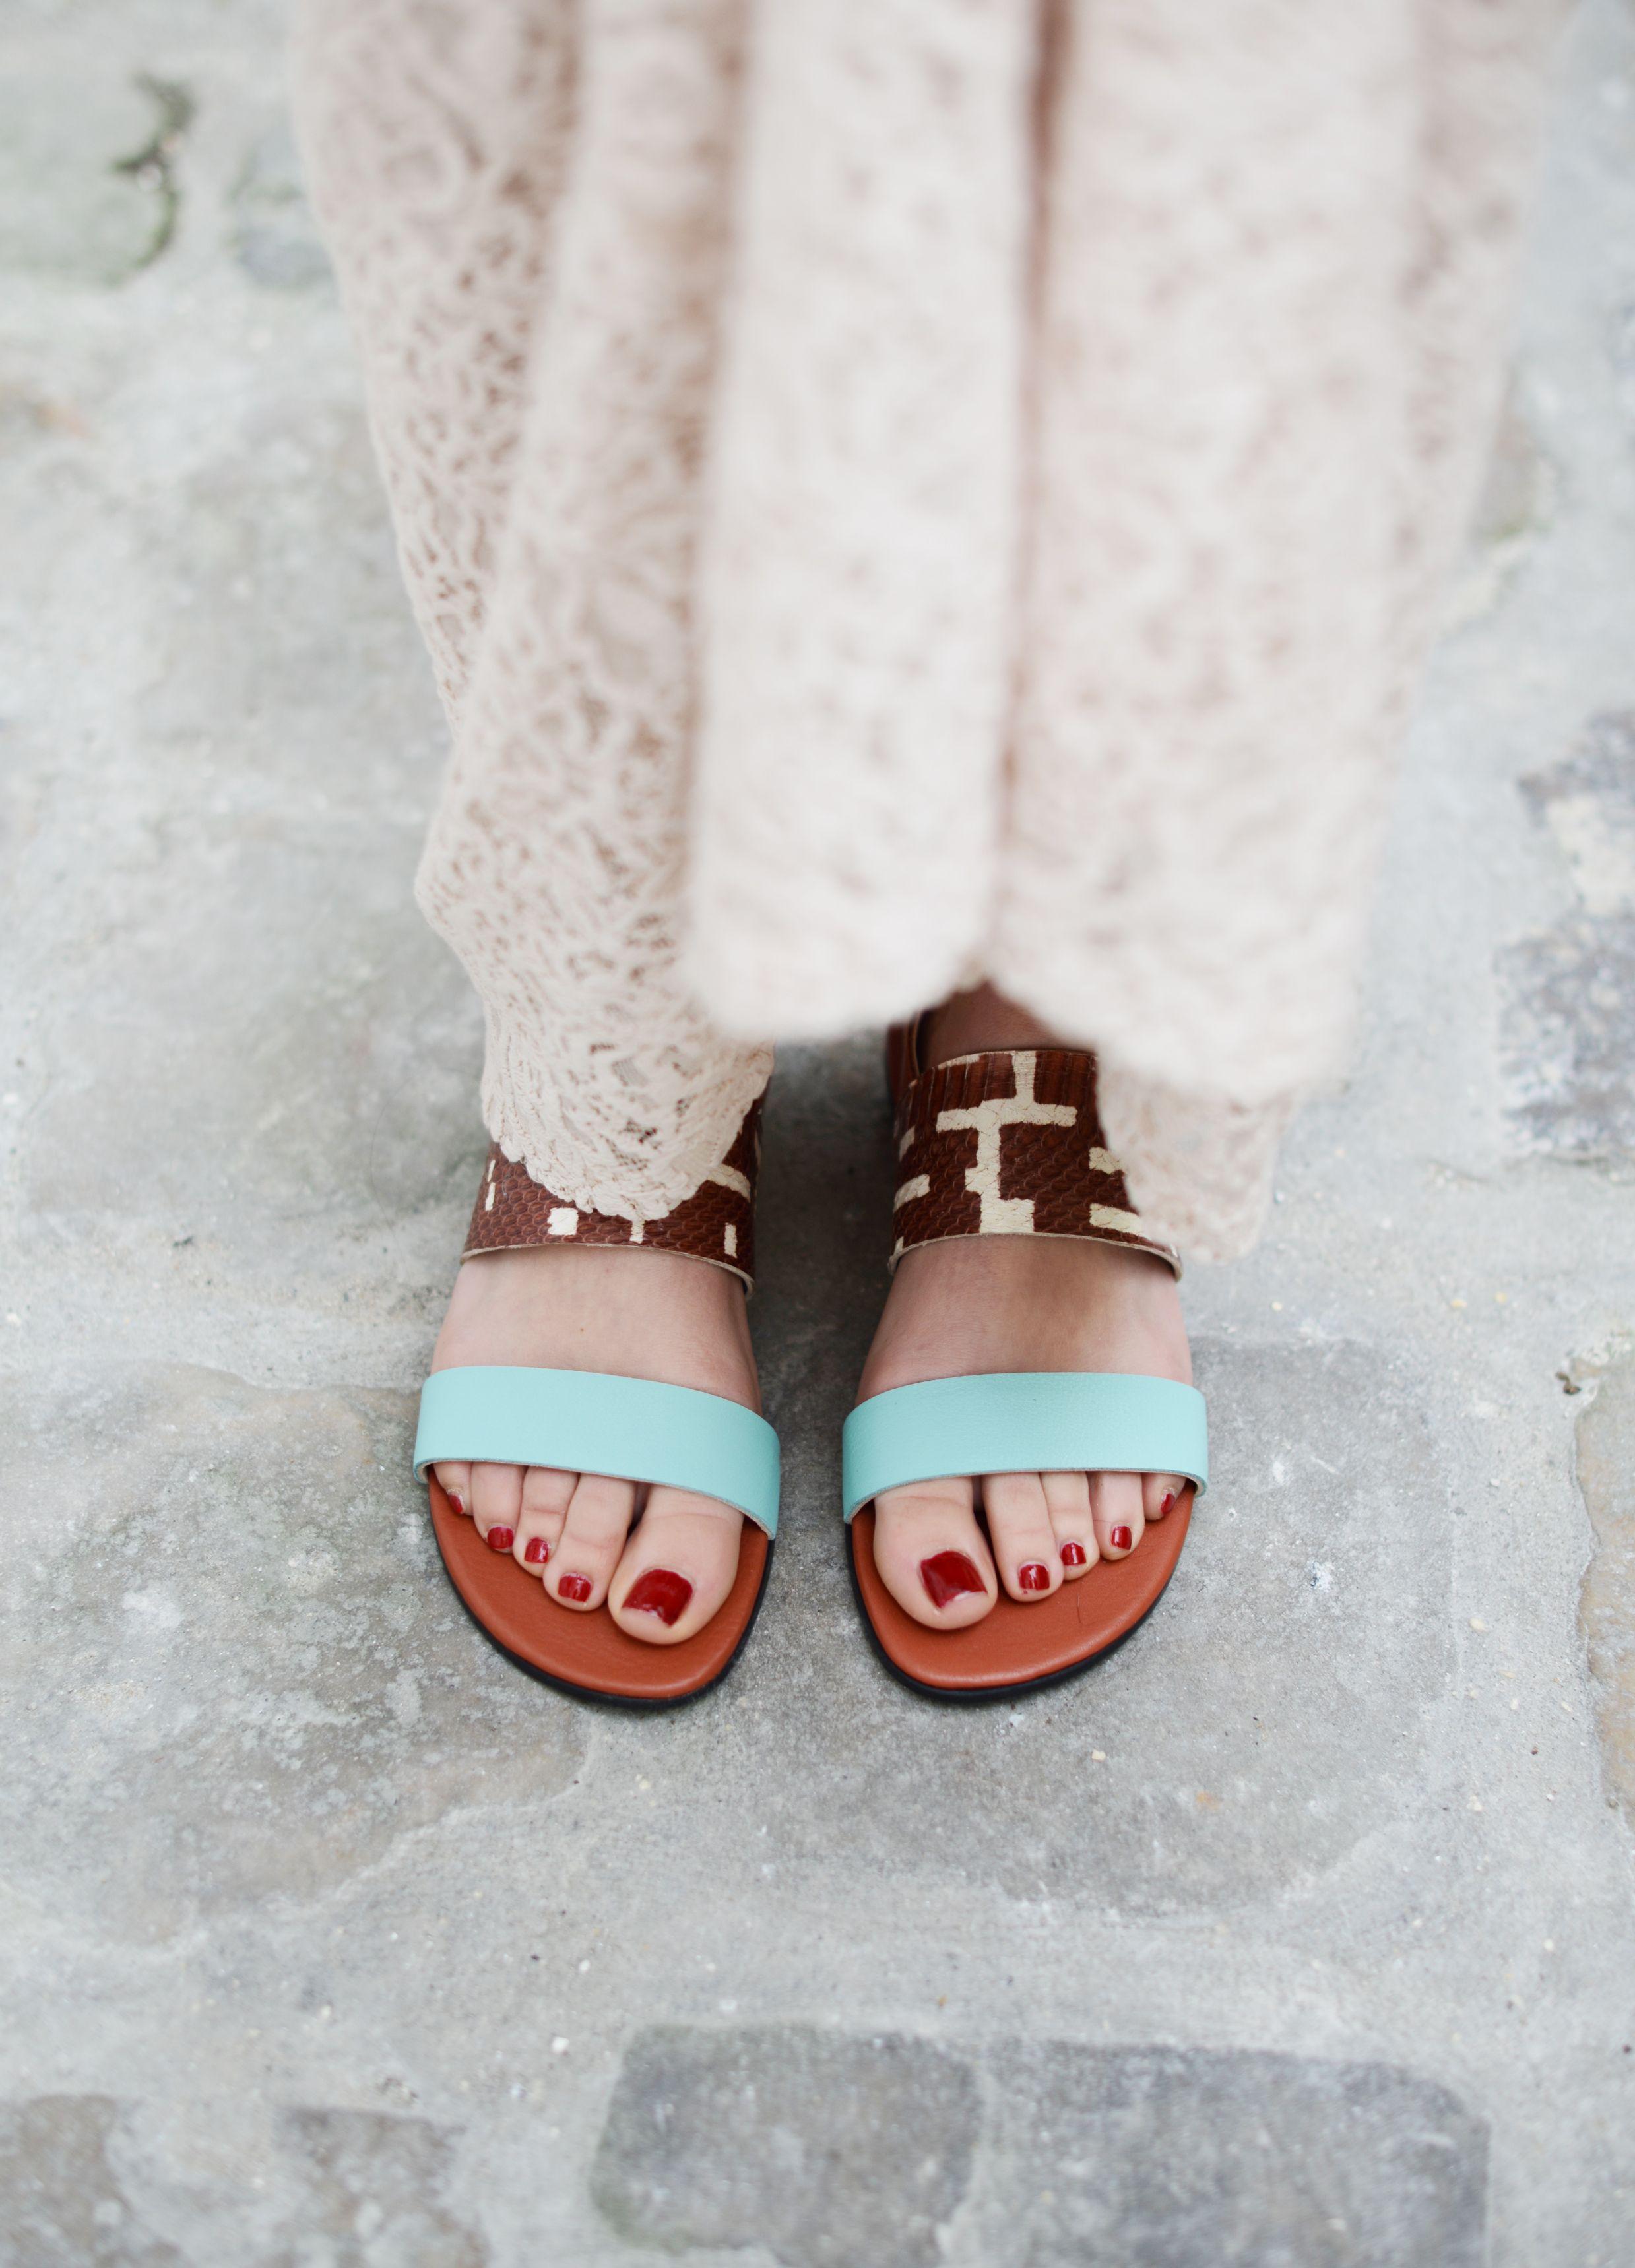 Sandales LILA //  MY SUELLY shoes // Créateur français // Printemps / Eté 2015    www.franciedesign.fr